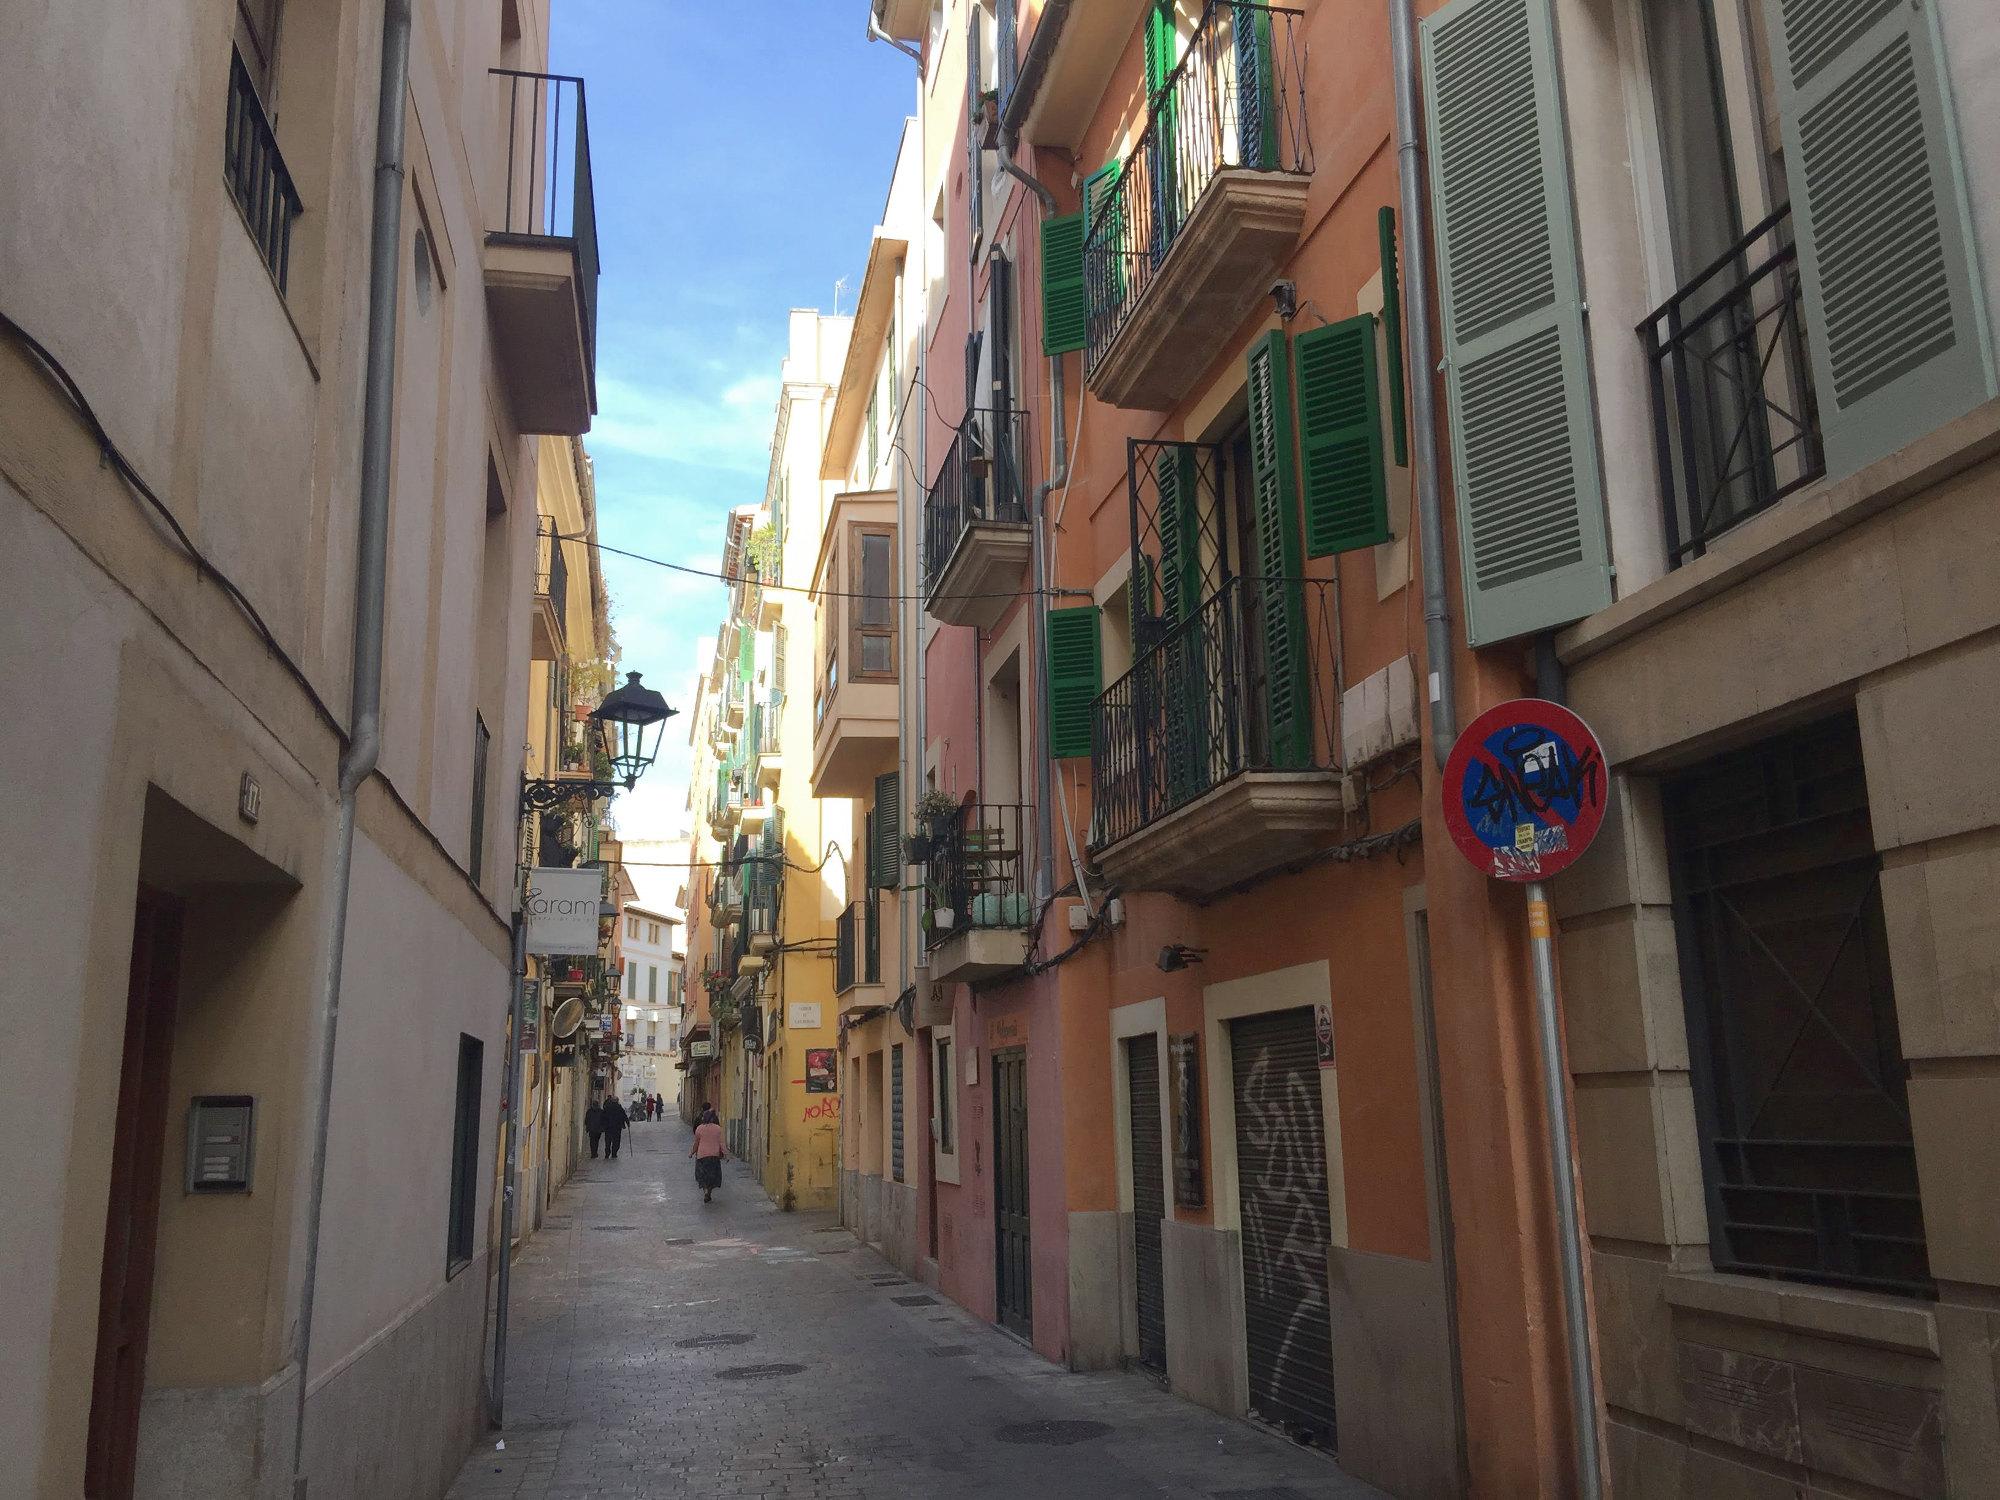 Einsame Straße in Palma de Mallorca